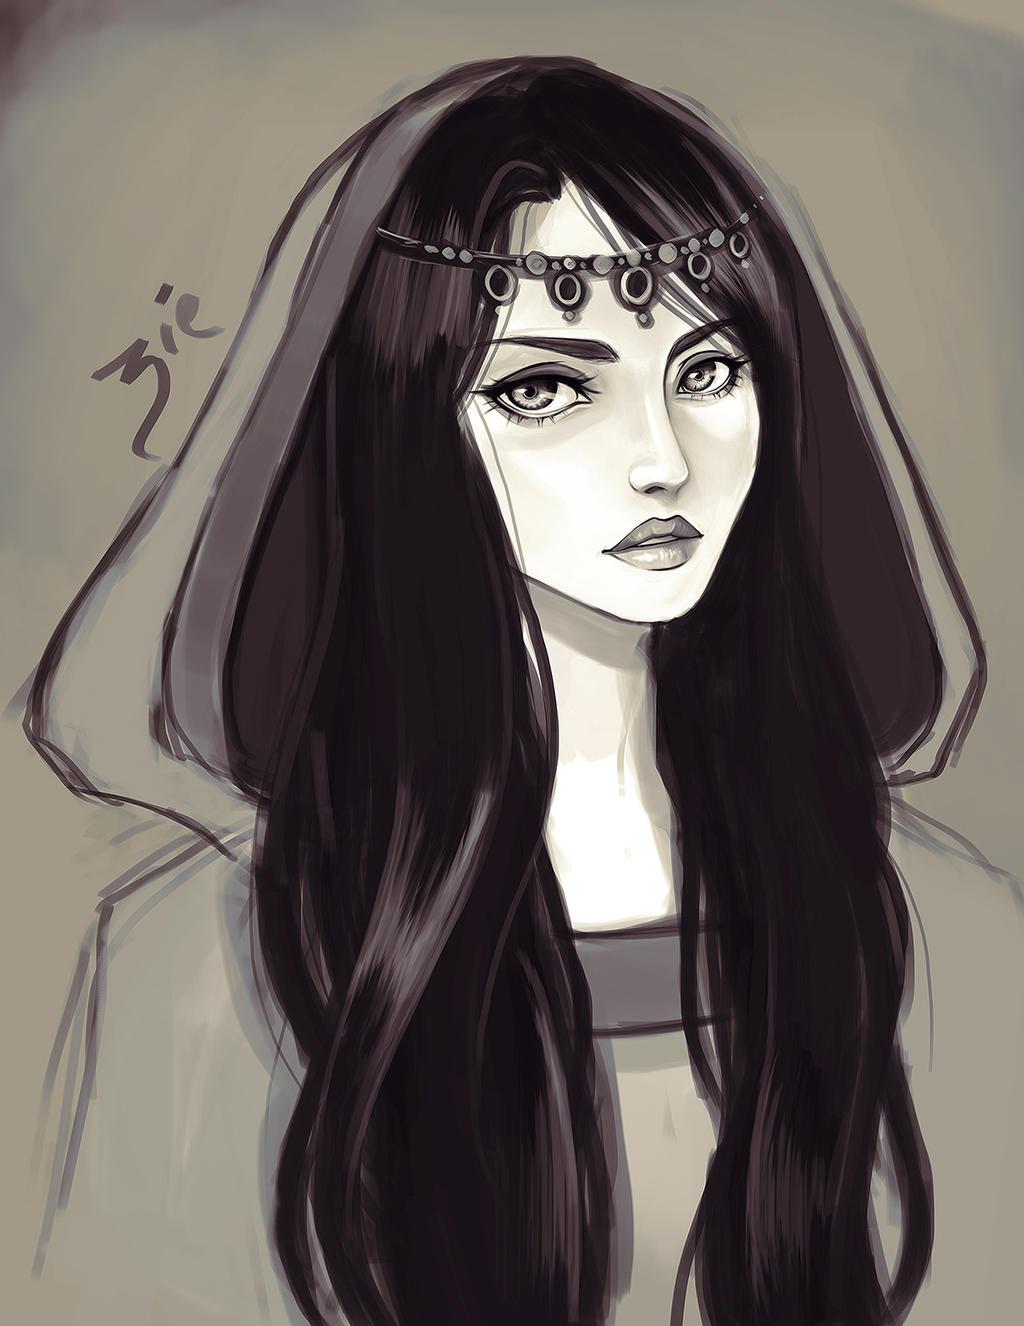 [Image: wip_sketch___medieval_girl_by_zienta-d75bsh2.jpg]